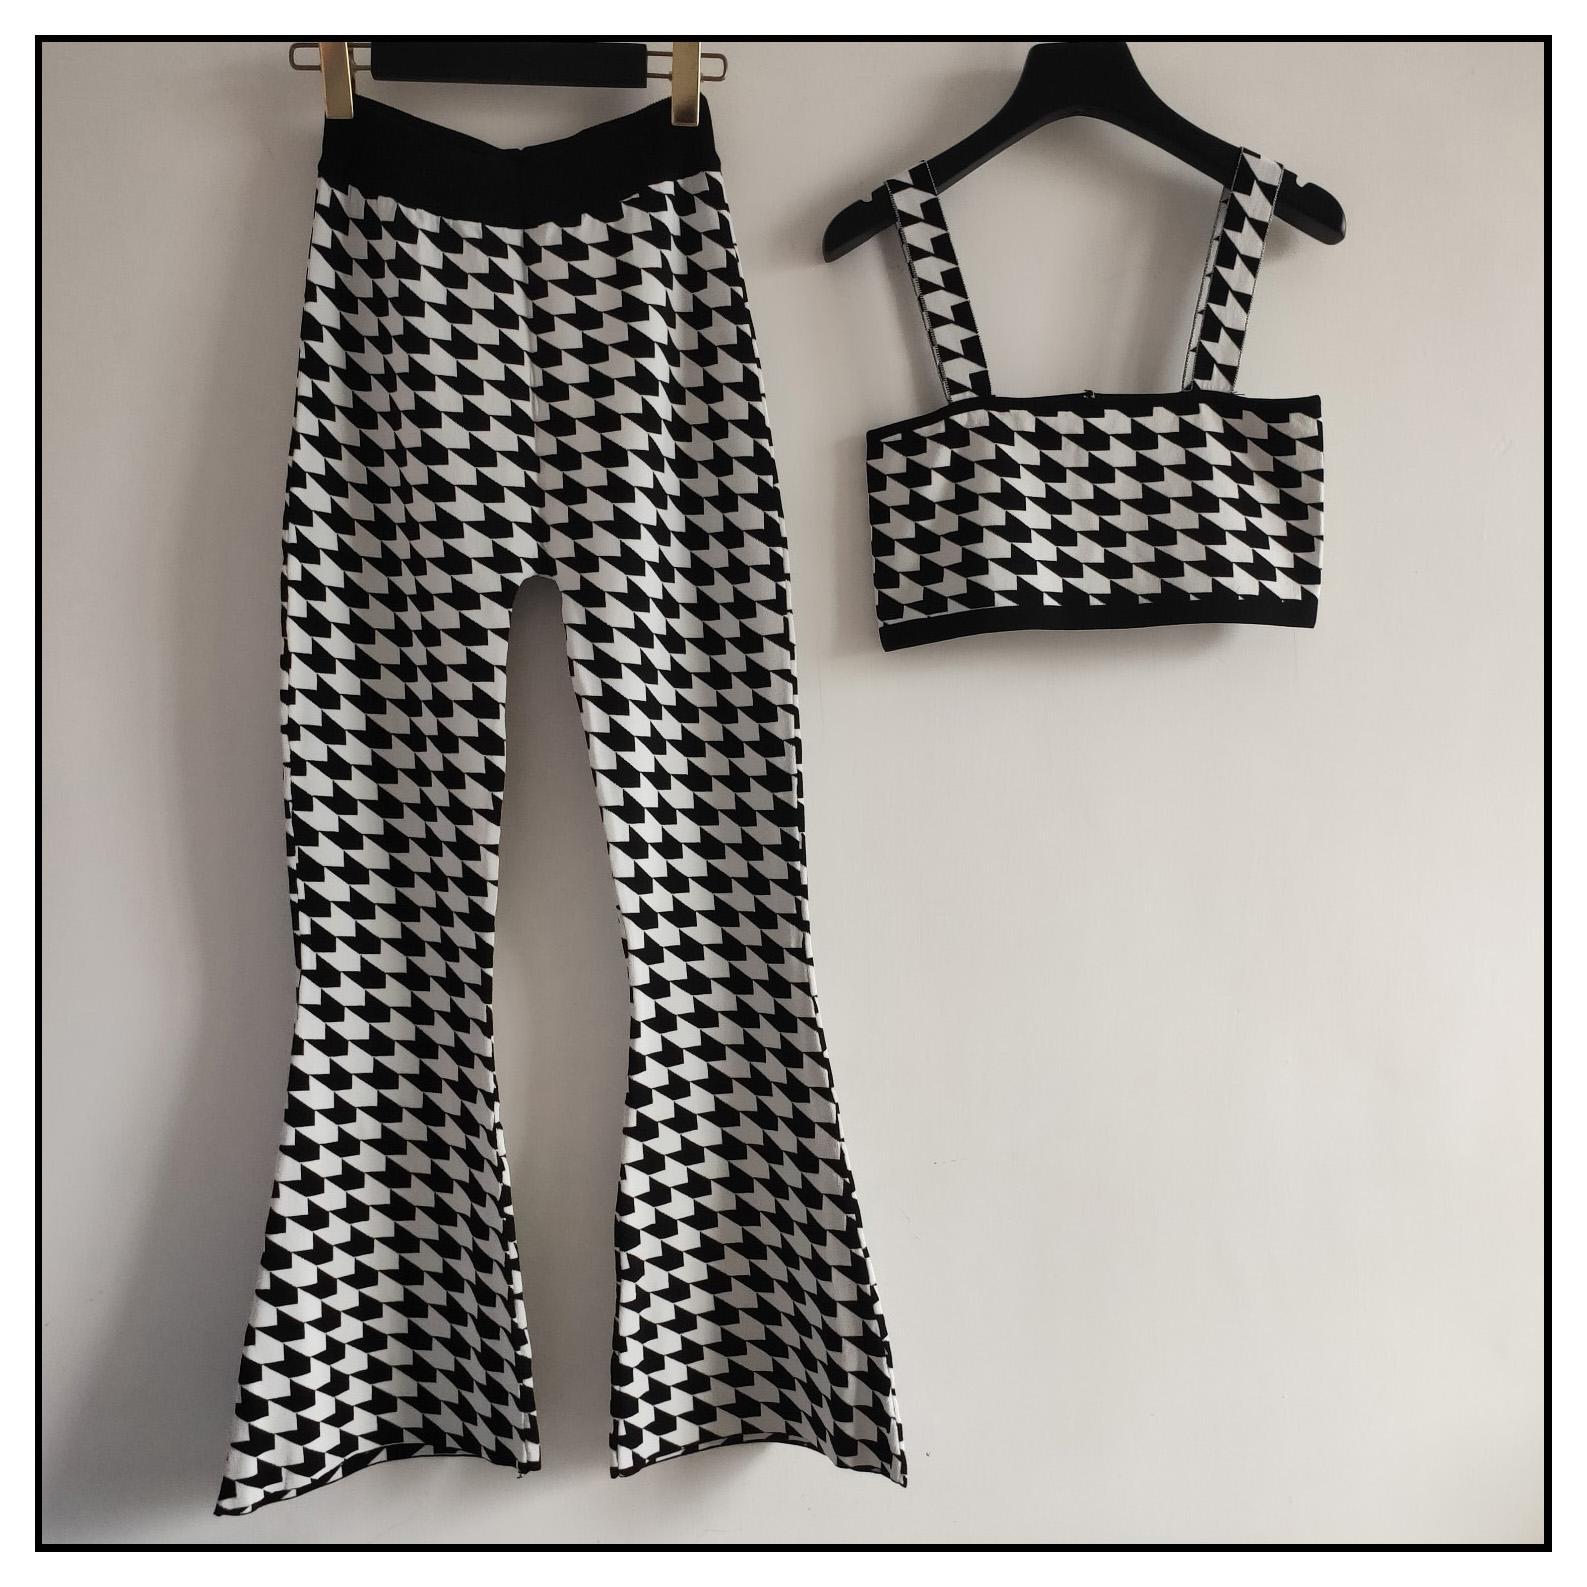 Conjuntos para mujer Trajes de diseñador de la marca de dos piezas de moda de la liga de la tapa + pantalones de cintura alta de 2020 de la tela escocesa de lujo atractivas calientes de los juegos ocasionales